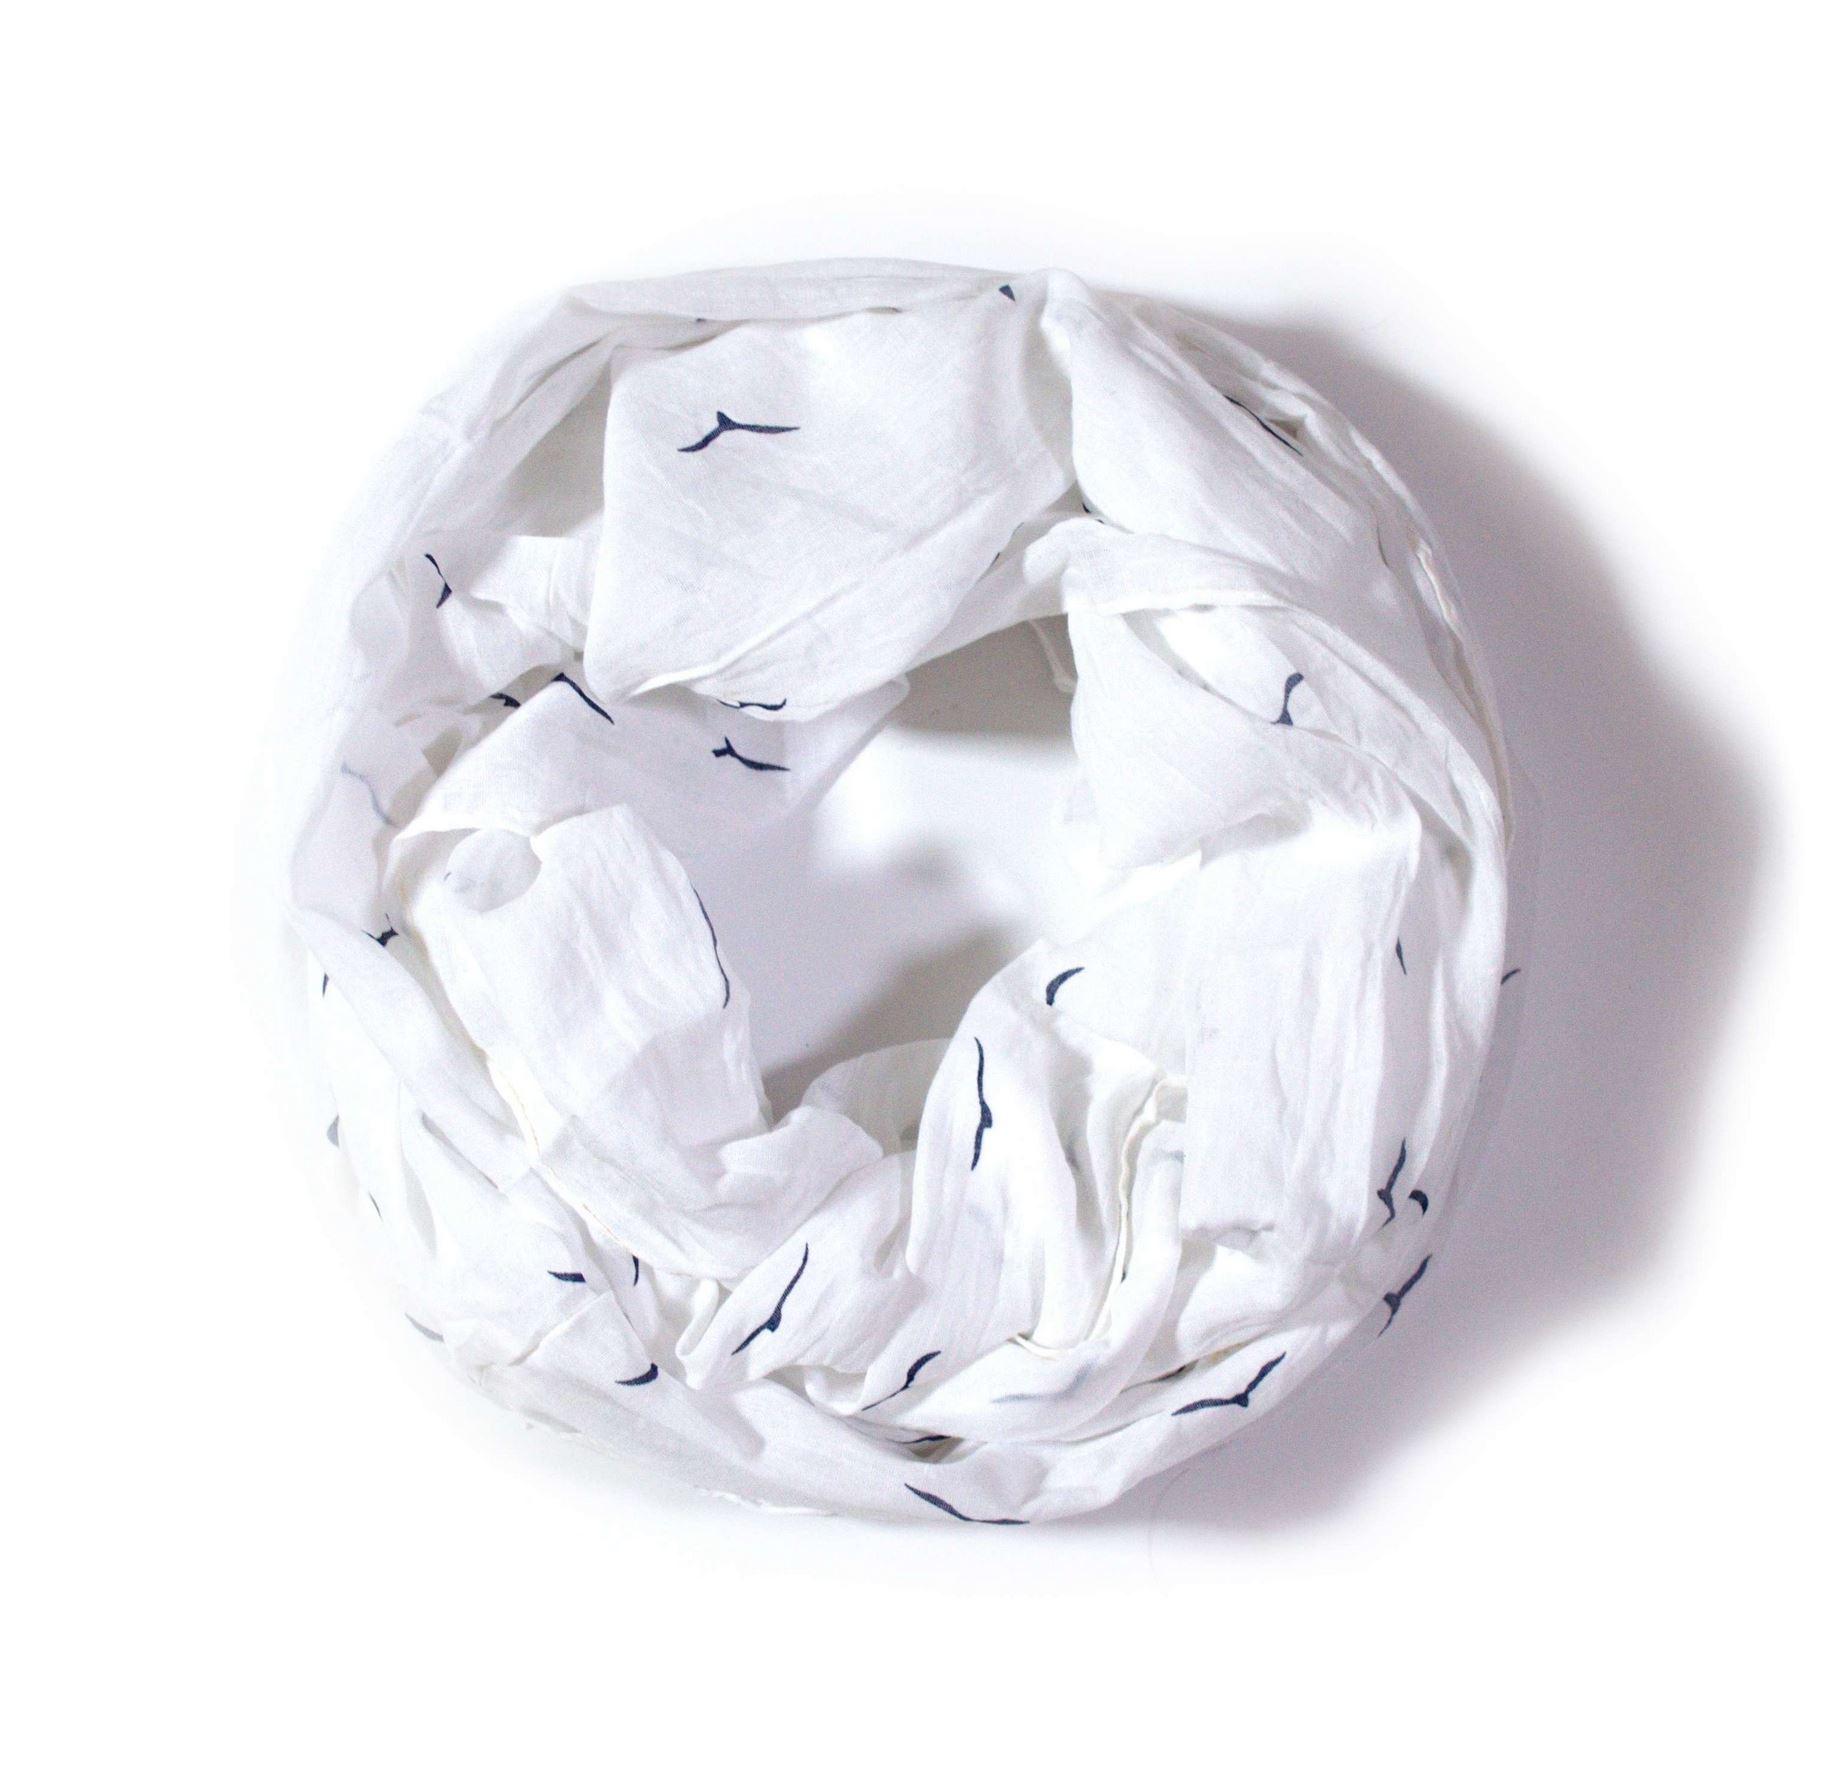 OEM Velký nekonečný šátek bílý se vzorem 170cm*70cm 4B1-121410